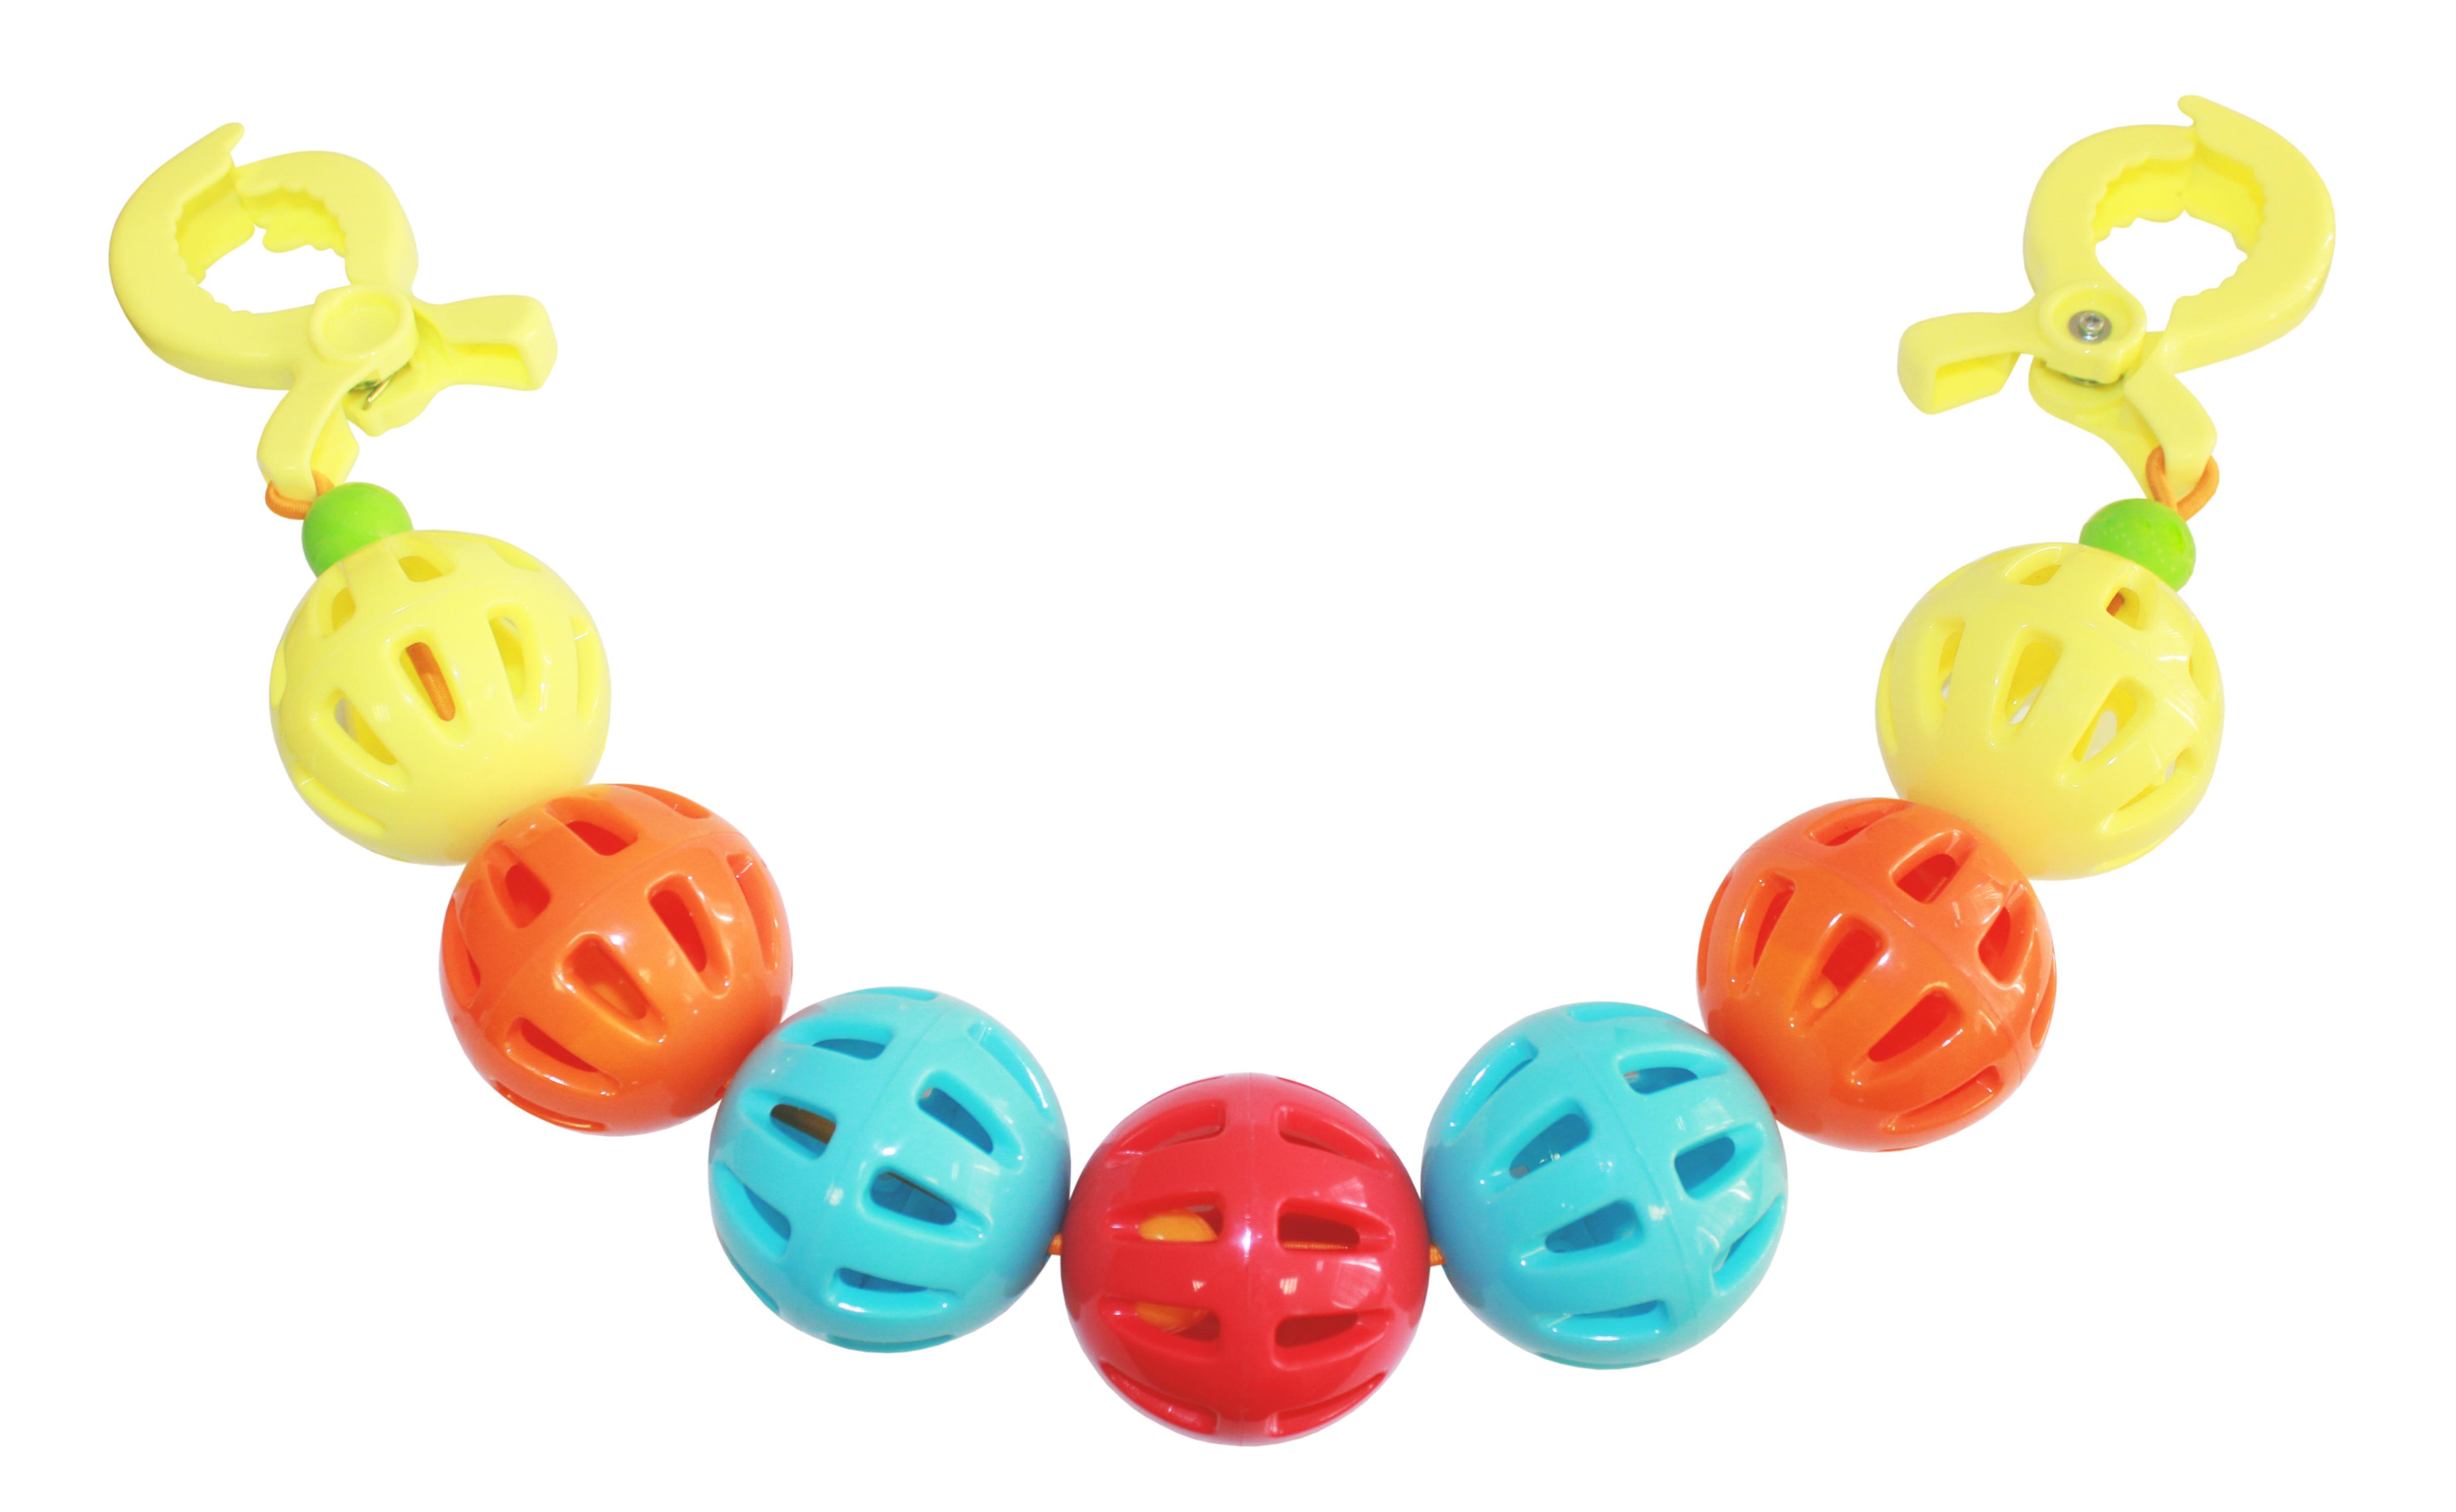 Игры и игрушки в дорогу Пластмастер Подвеска на коляску Пластмастер «Чудо-шарики» польша коляску